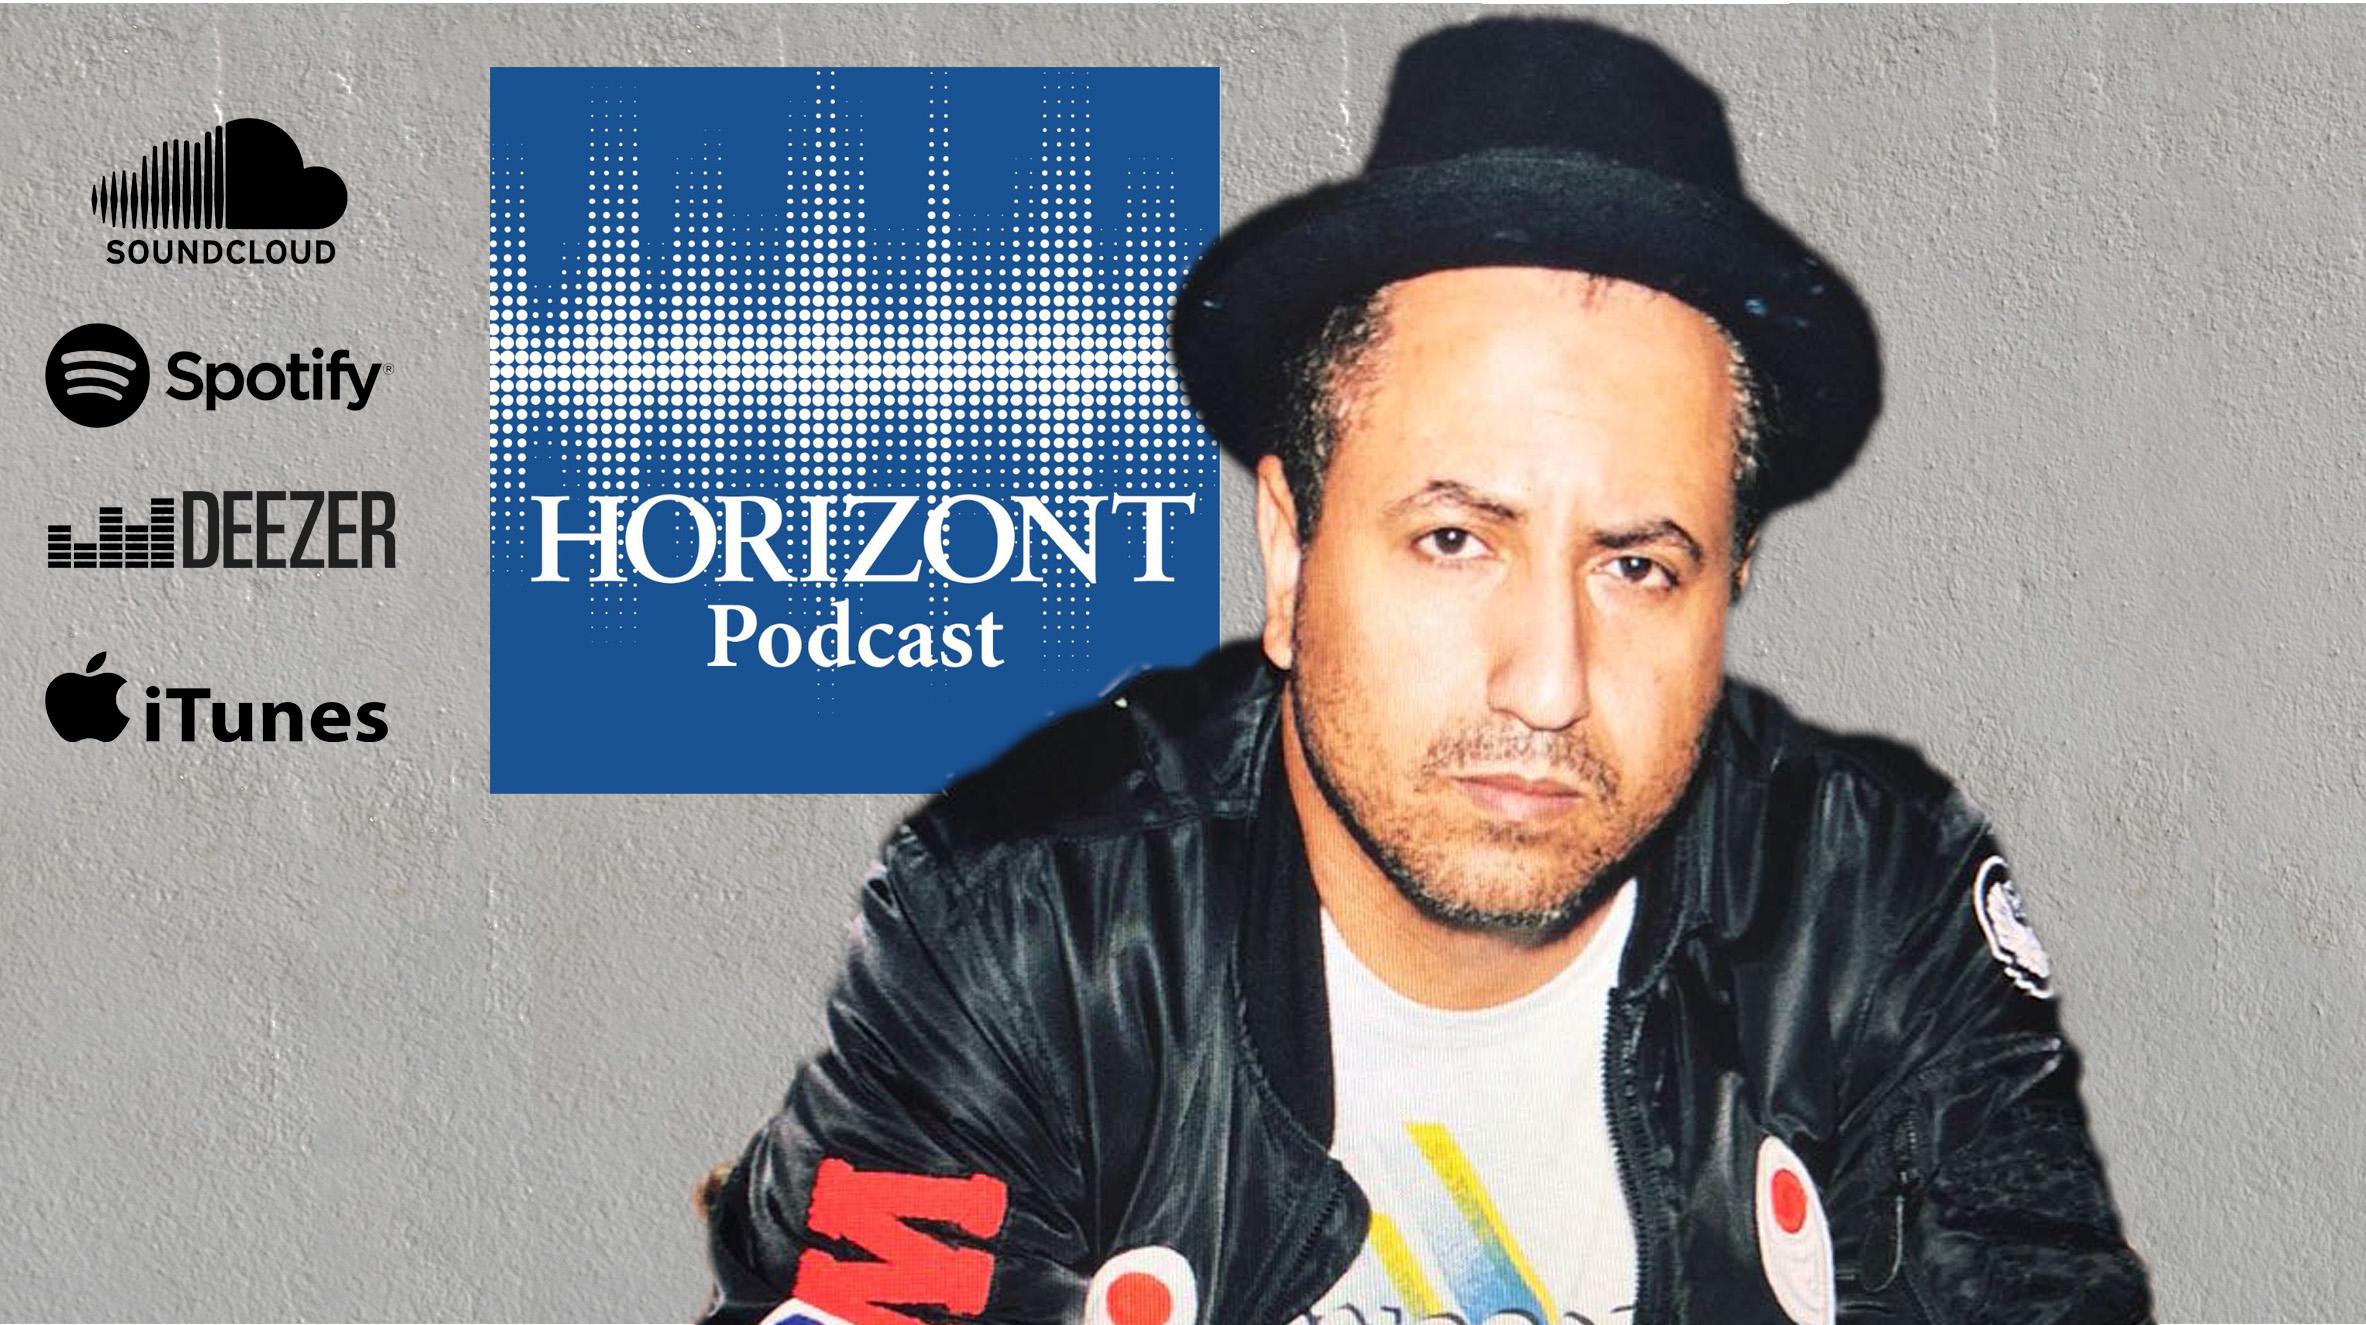 HORIZONT Podcast: Der Aufstieg der Streetwear-Marke Snipes zur urbanen Love-Brand